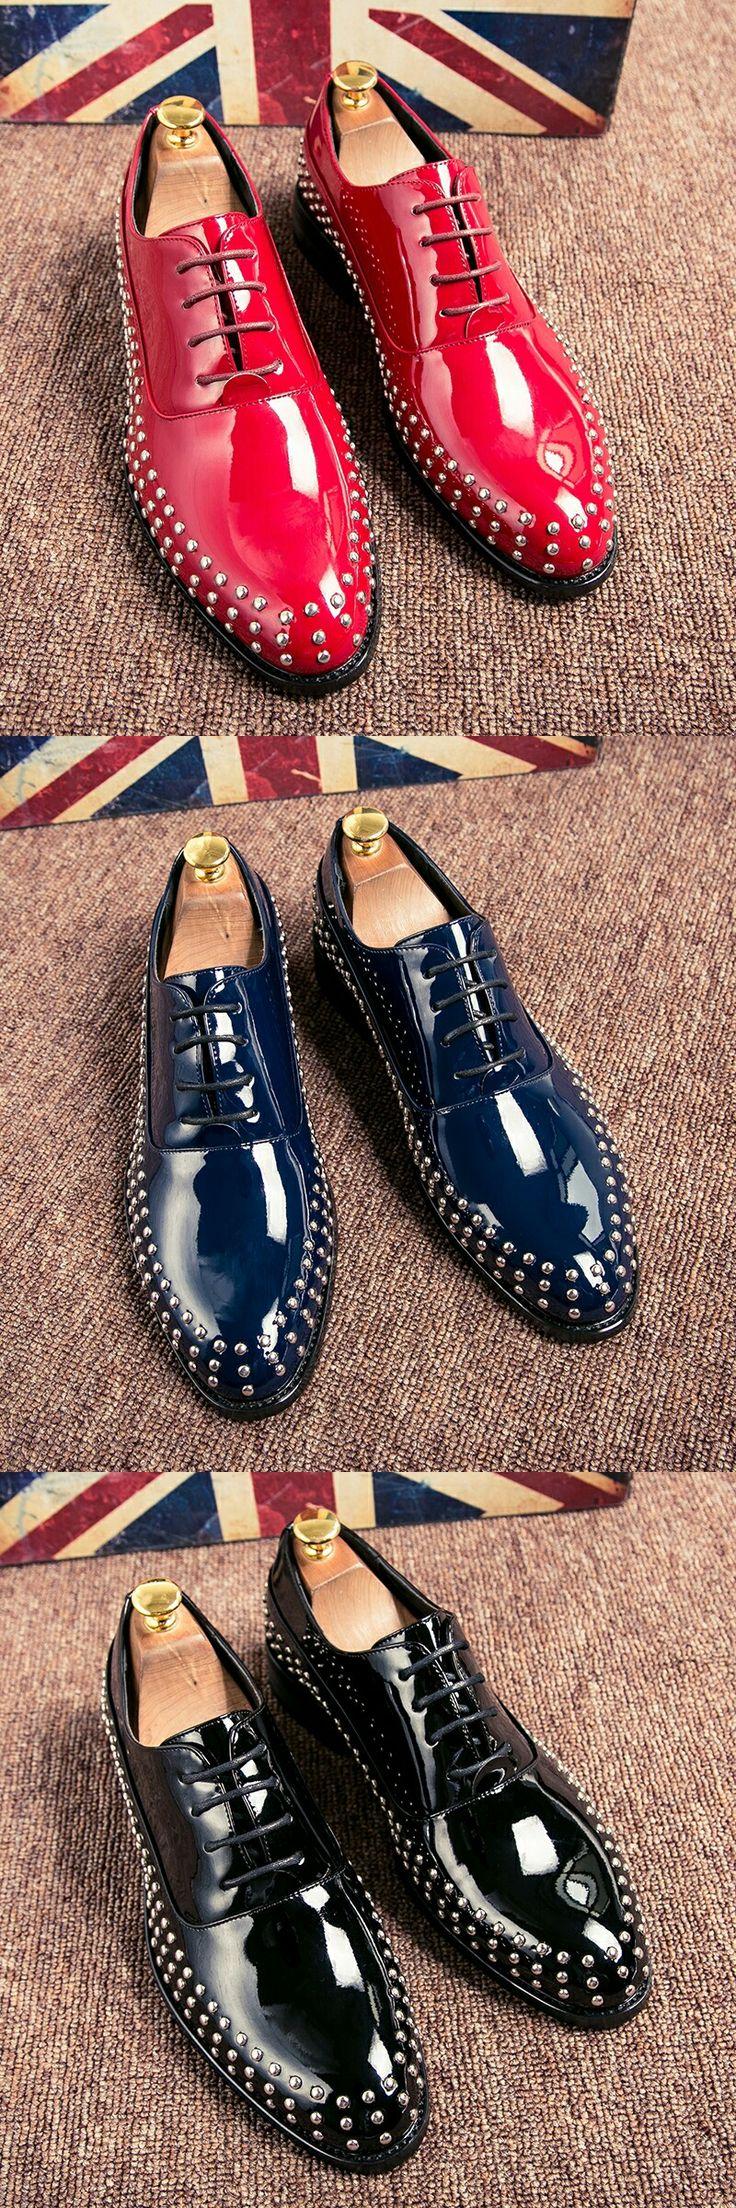 US $25.3 Office Men's Dress Italian Style Wedding Casual Derby Oxford Shoe